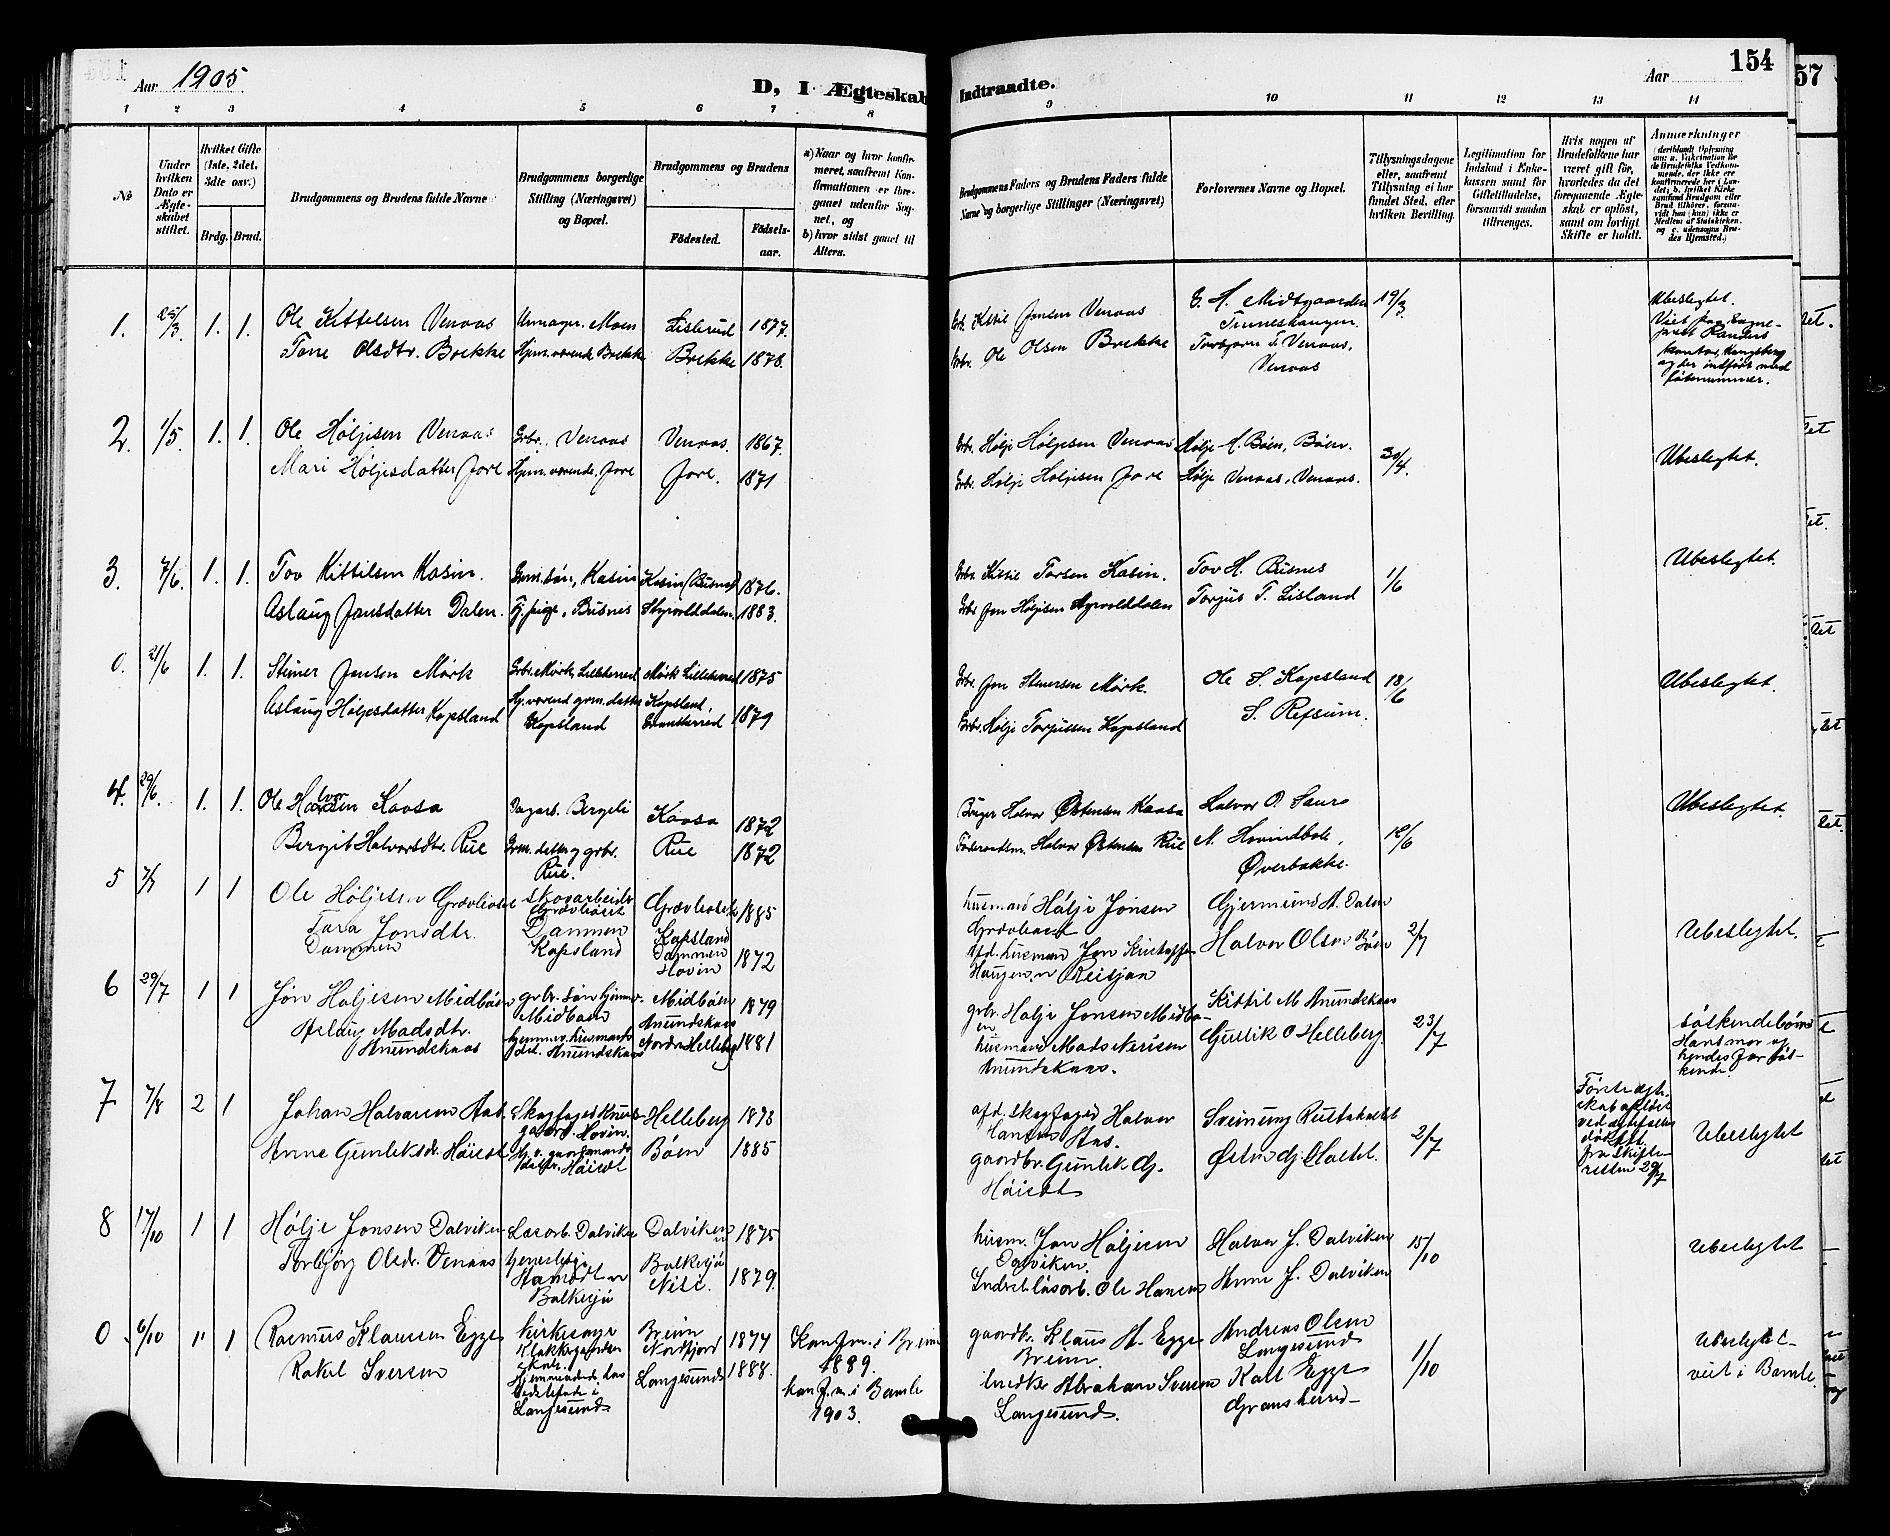 SAKO, Gransherad kirkebøker, G/Ga/L0003: Klokkerbok nr. I 3, 1887-1915, s. 154